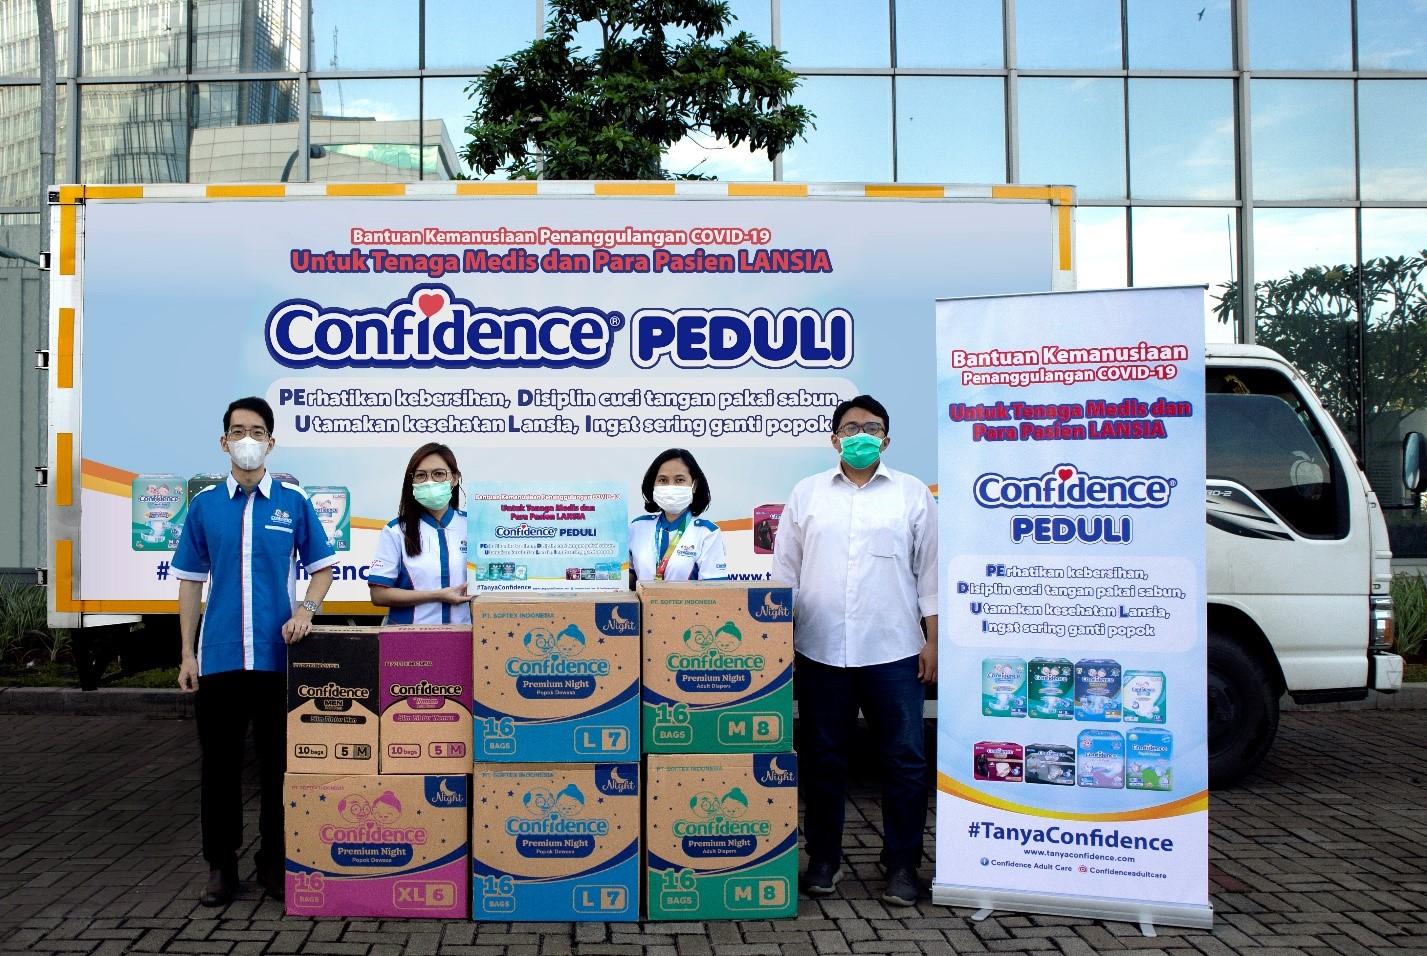 """""""Gerakan Confidence Peduli"""": Donasikan 10.000 Popok Dewasa untuk Pasien Lansia dan Tim Medis sebagai Garda Depan Menghadapi COVID-19"""